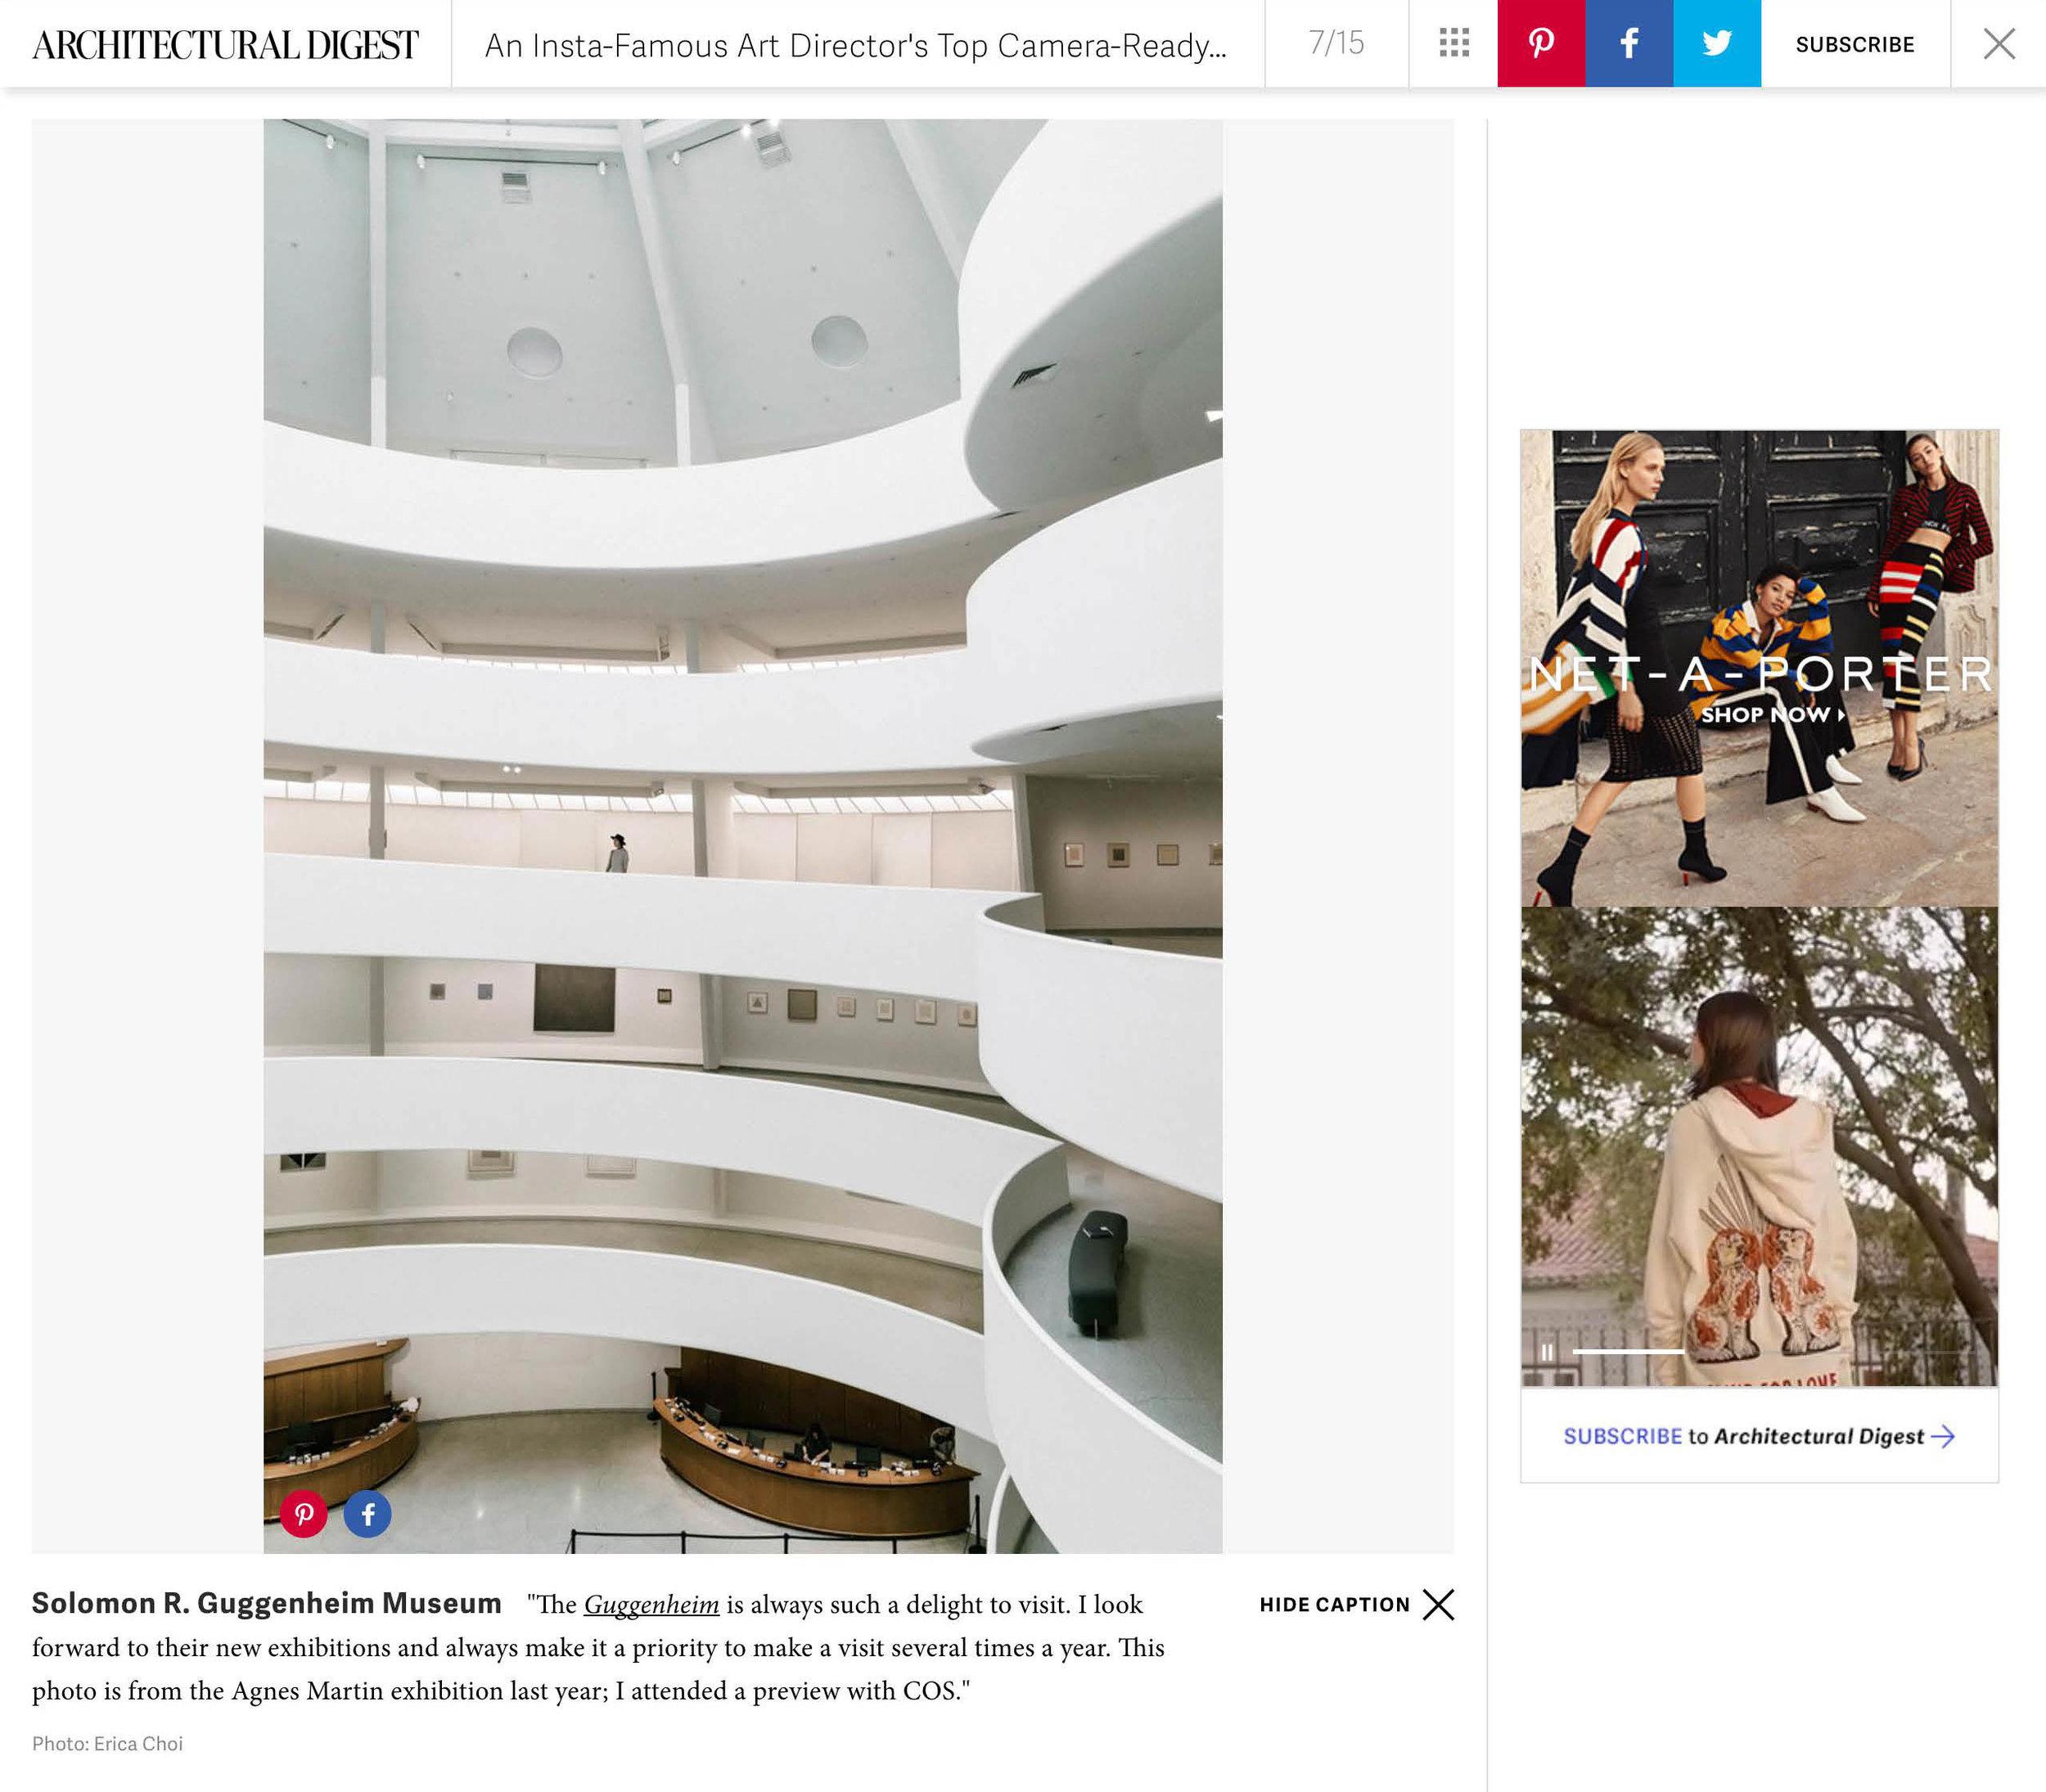 20170407-architectural-digest-5.jpg